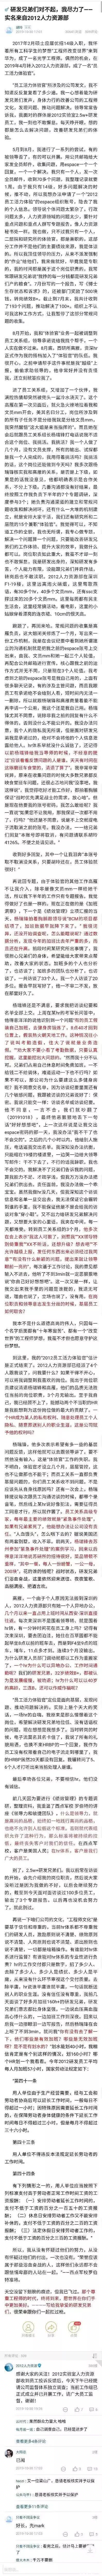 华为胡玲事件:五千字实名控诉举报其领导不作为,附全文!